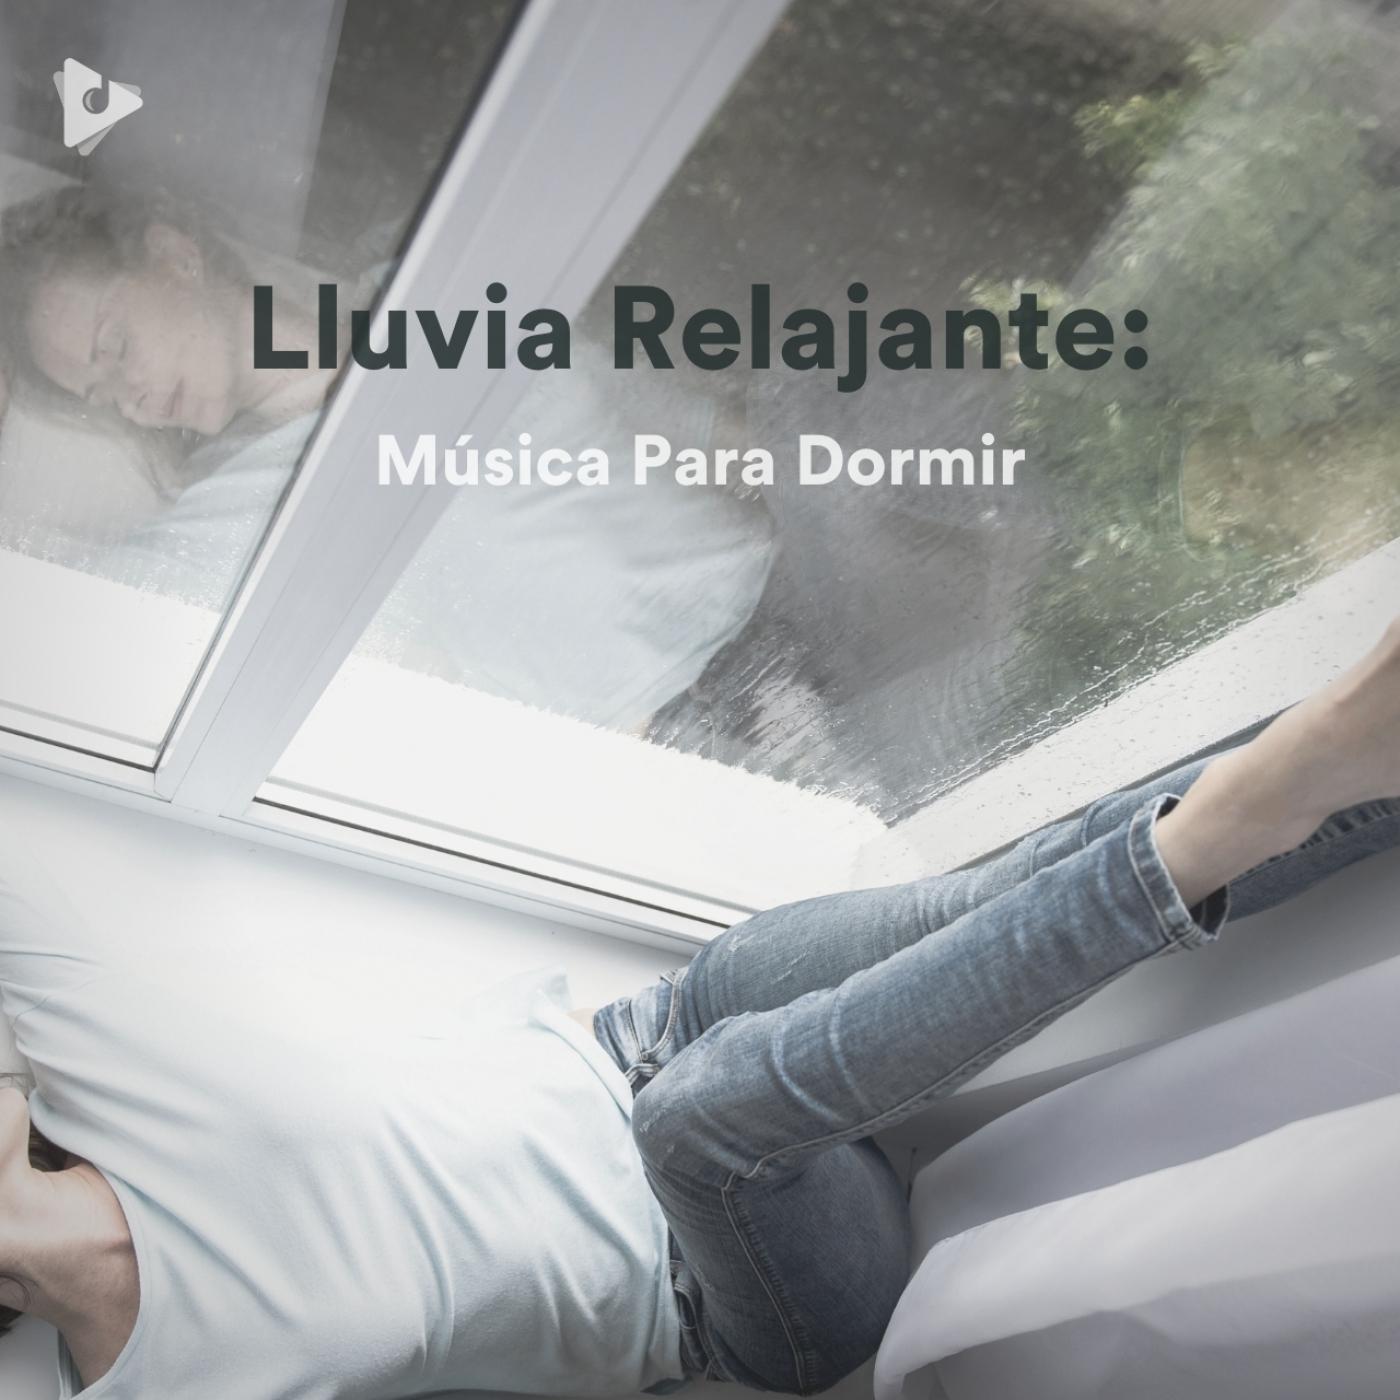 Lluvia Relajante: Música Para Dormir